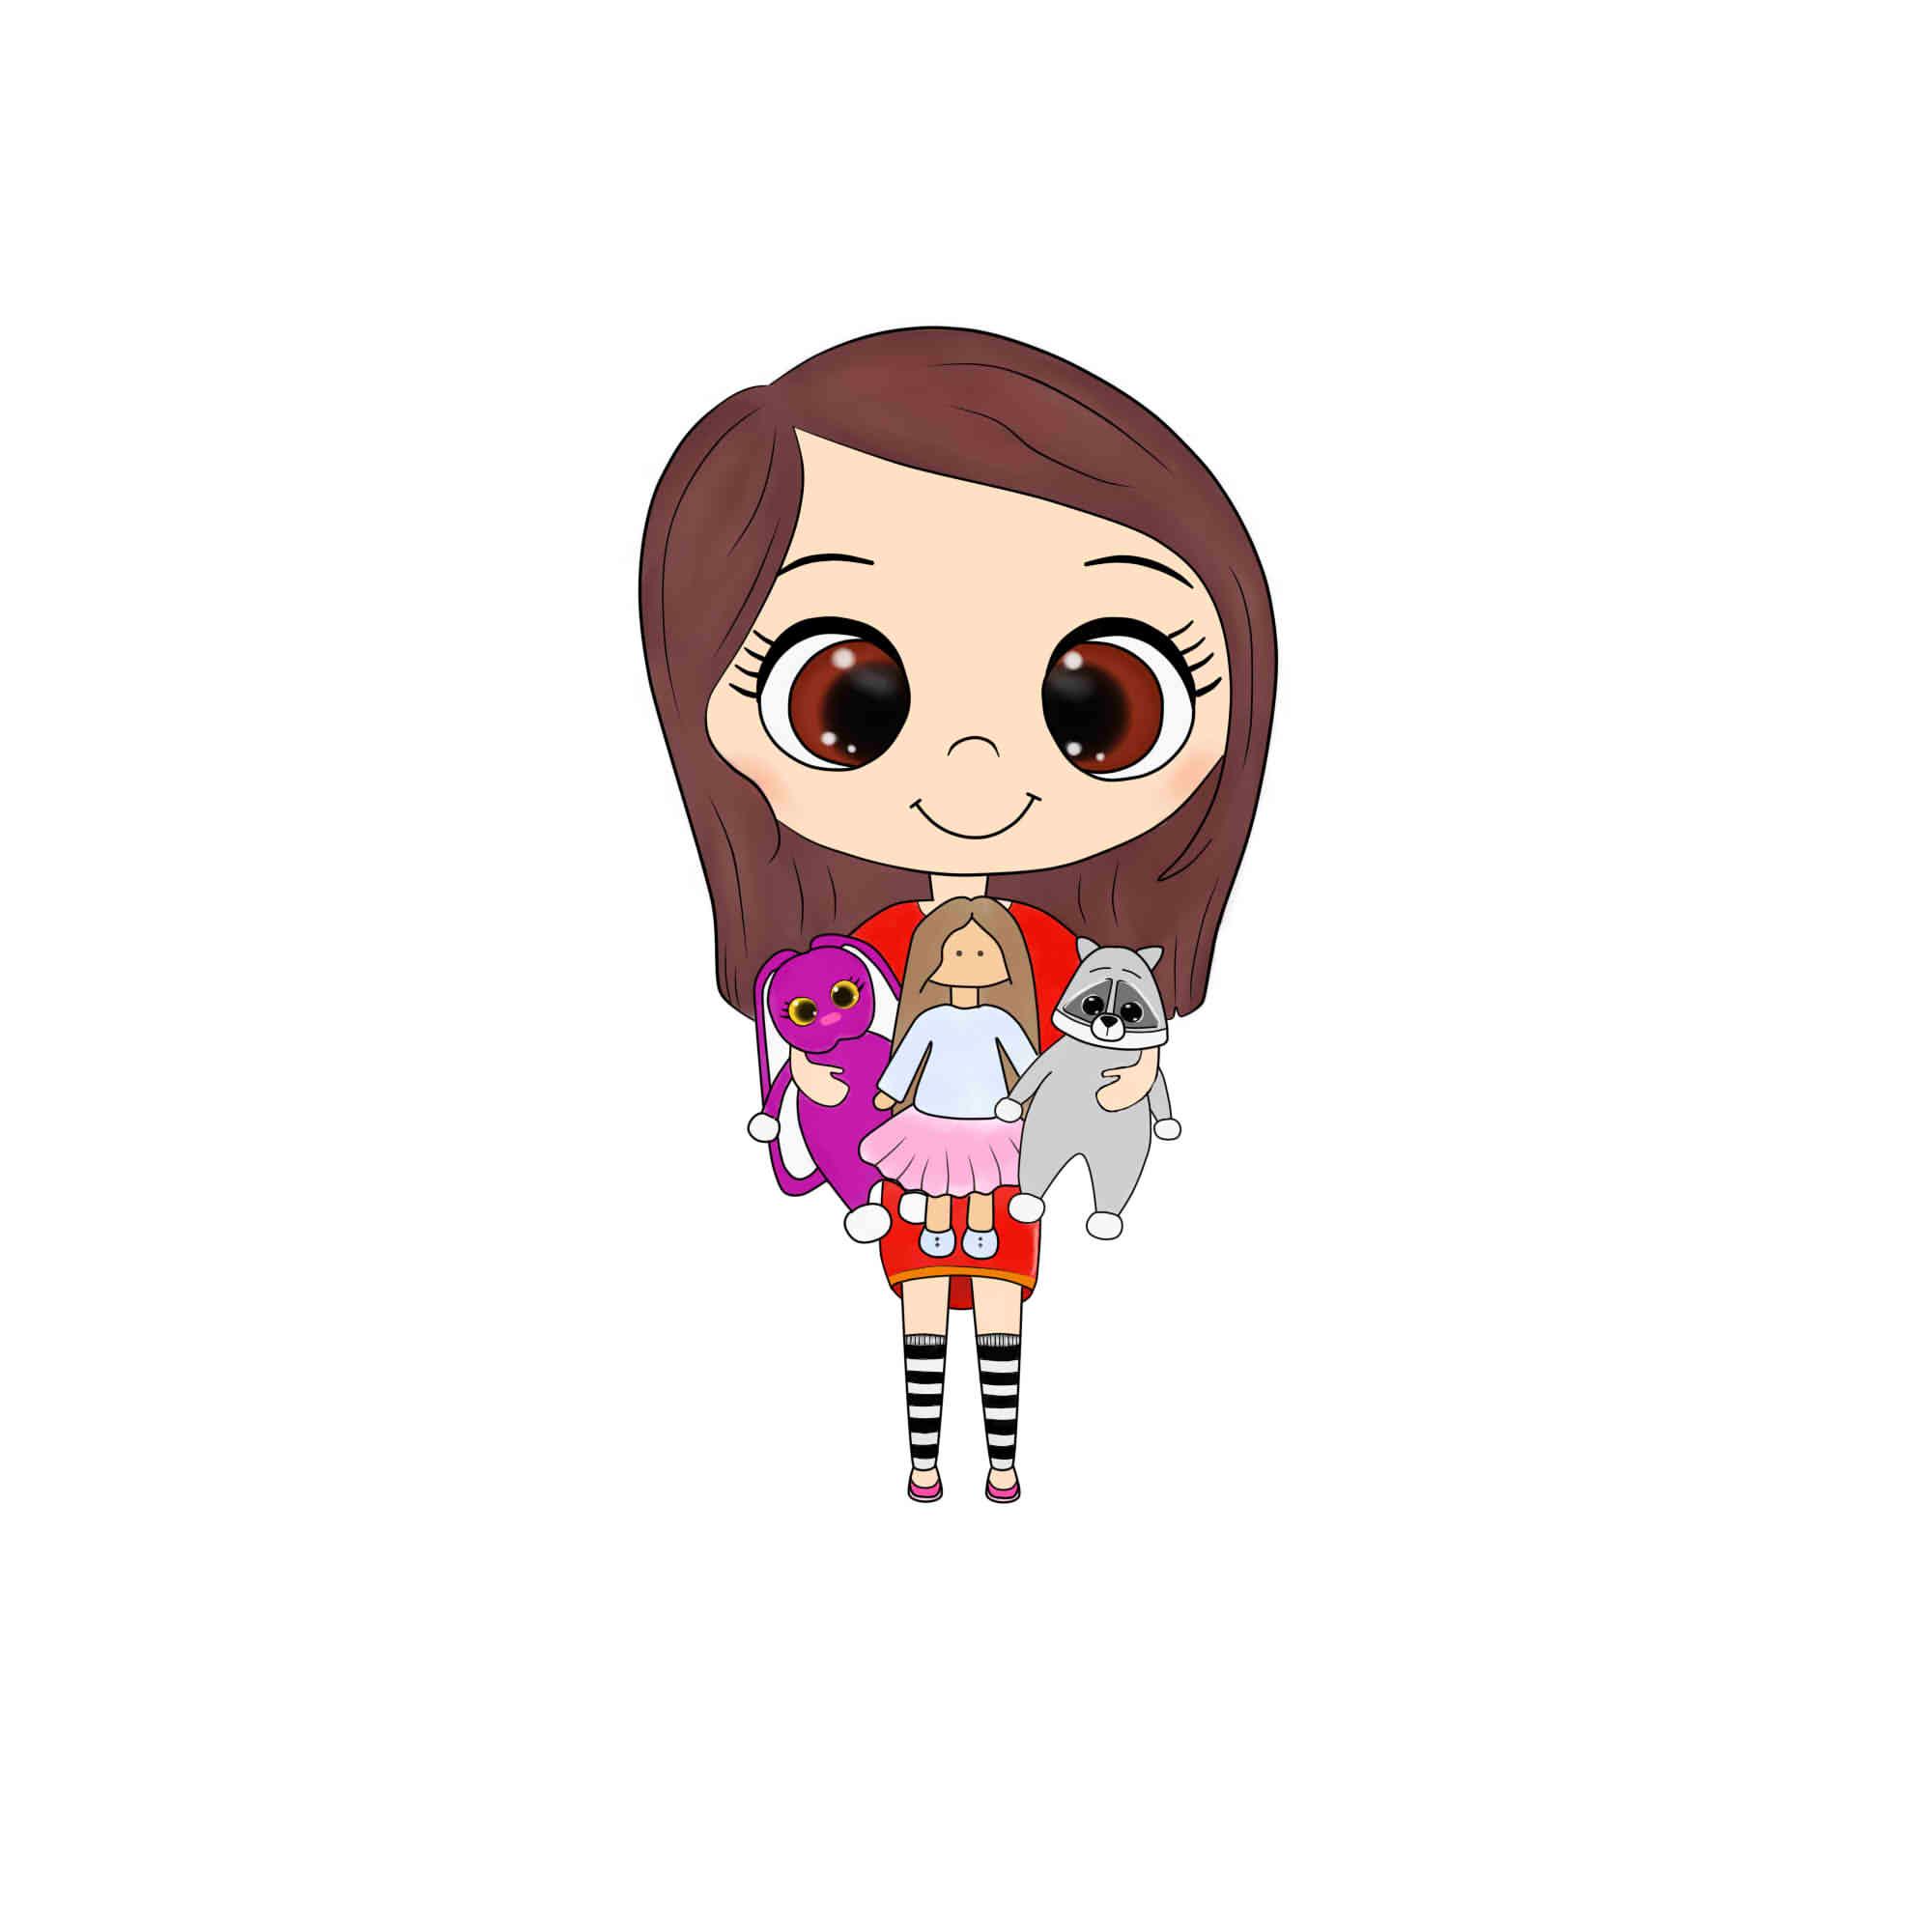 Фото Иллюстрация для логотипа вязаных игрушек